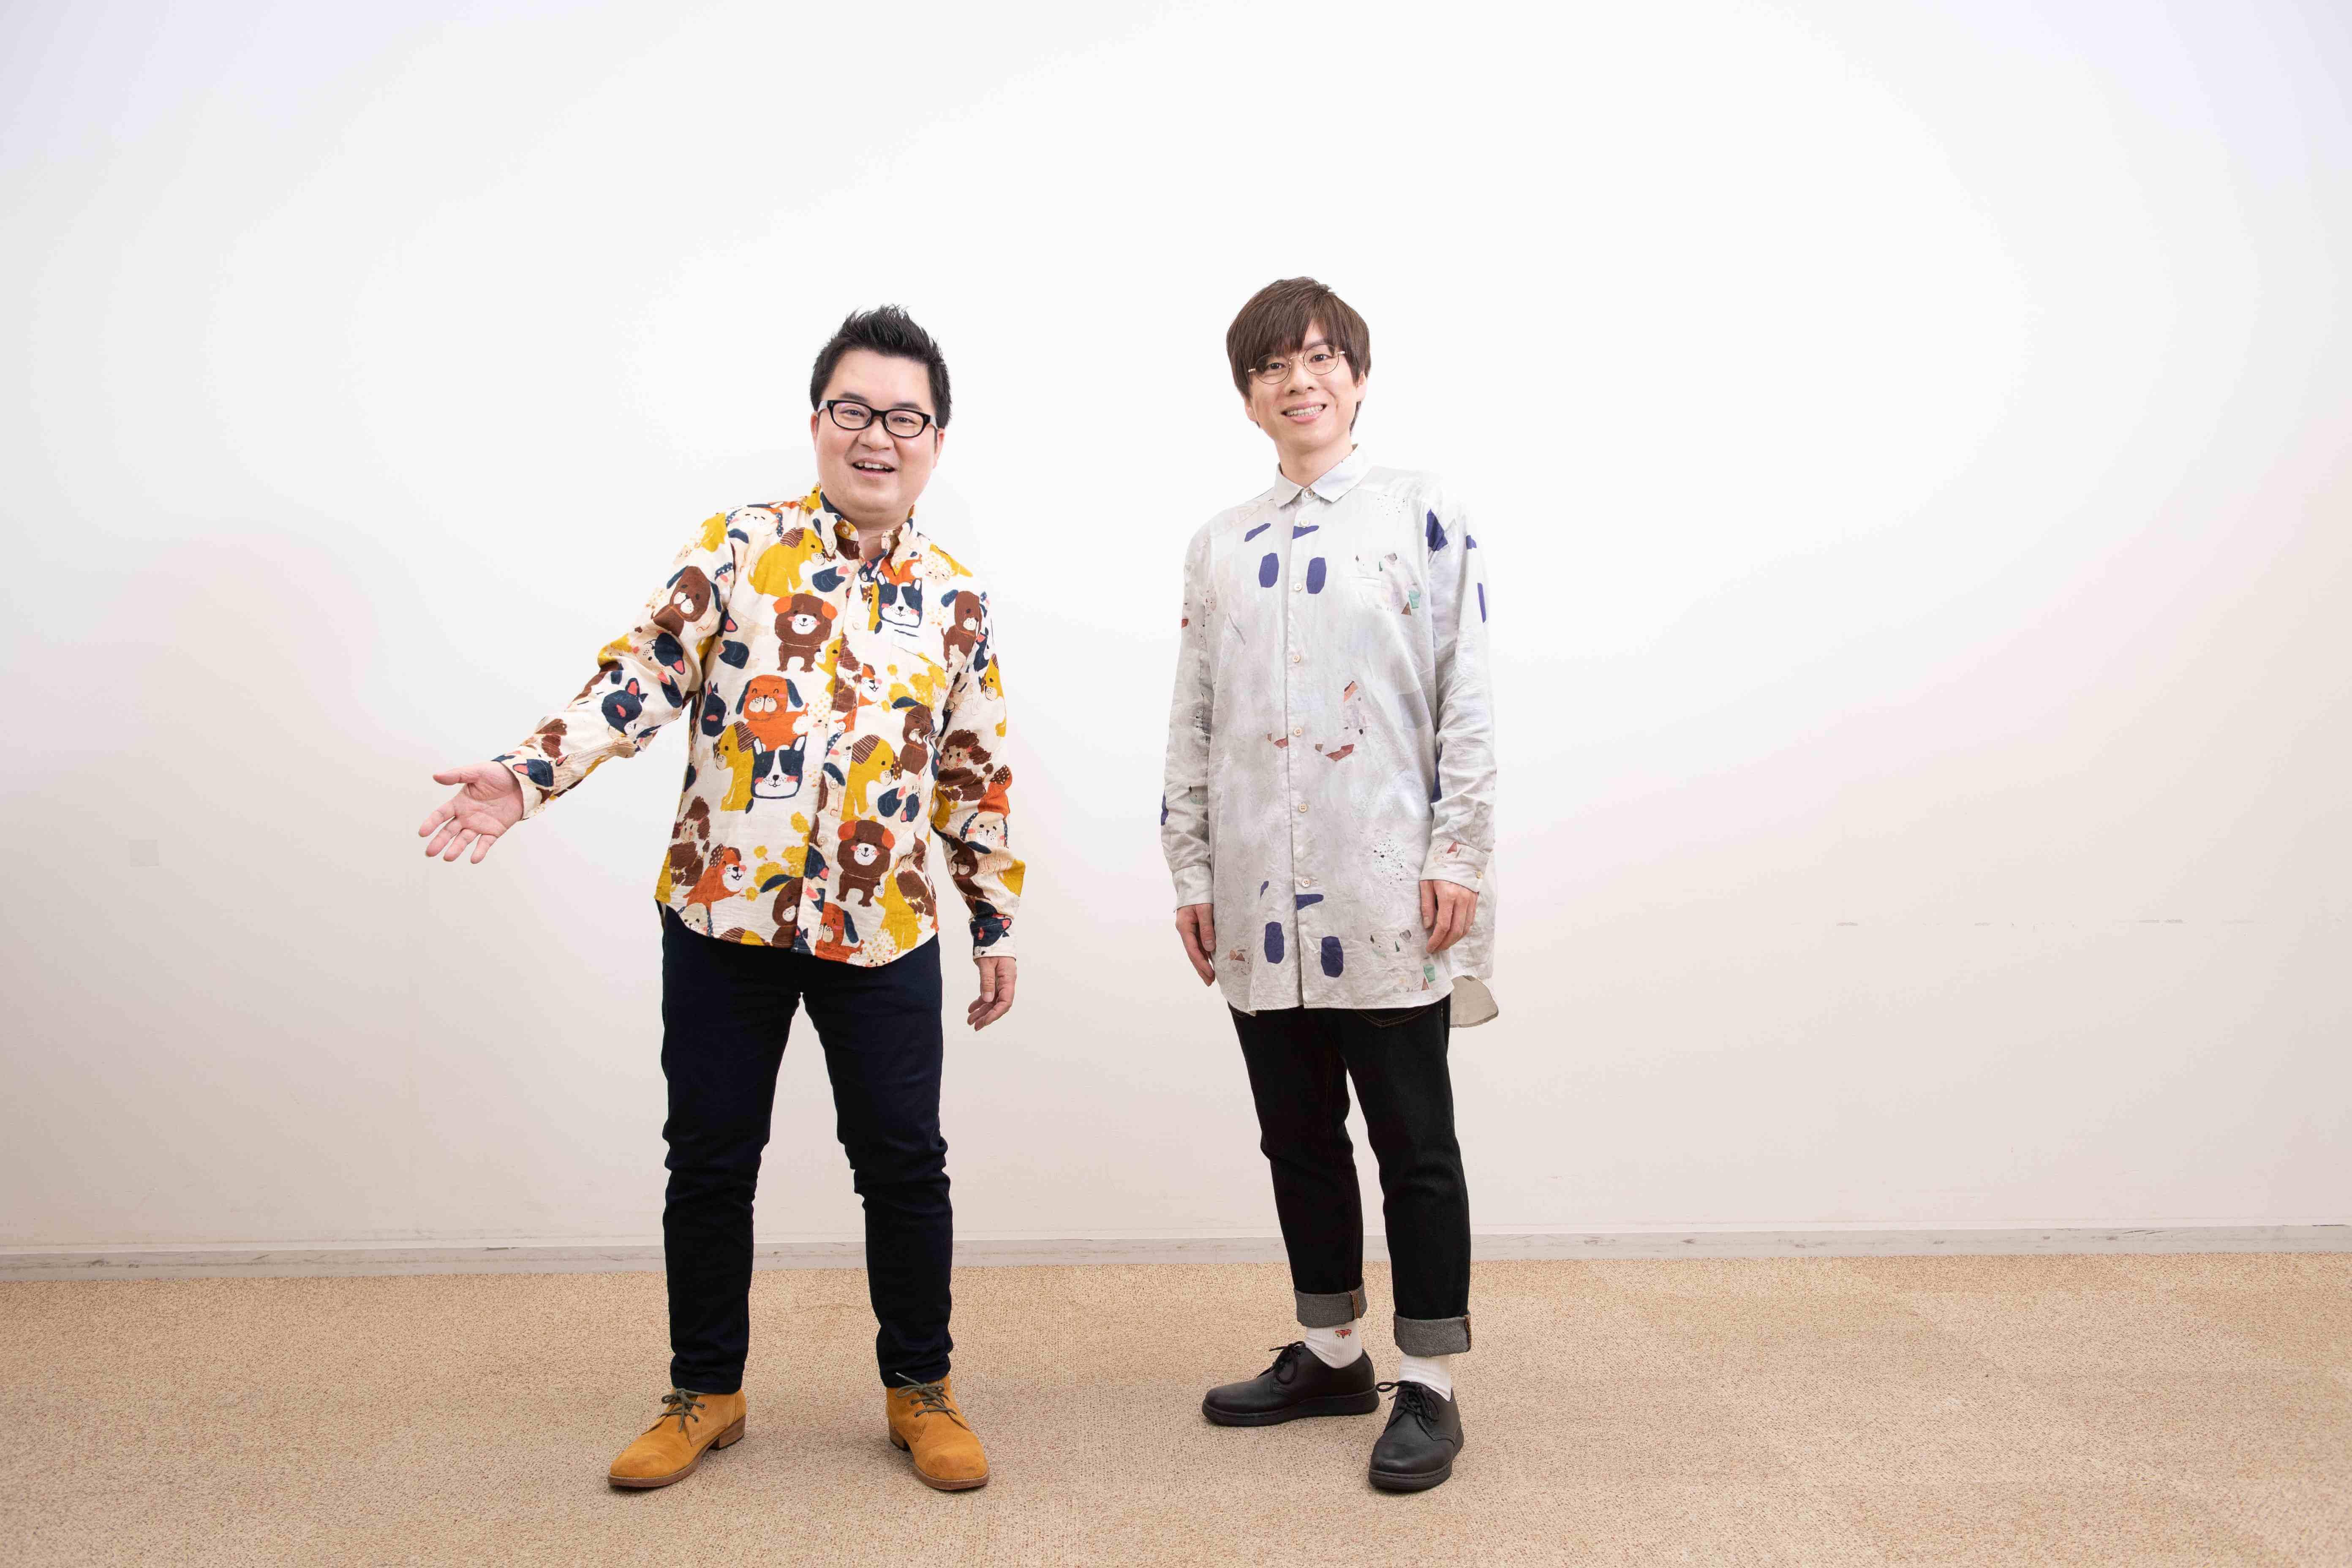 和田昌之×赤羽根健治が新たにバディを組み、 新時代のエンタメ業界を盛り上げる番組『WADAX Radio』